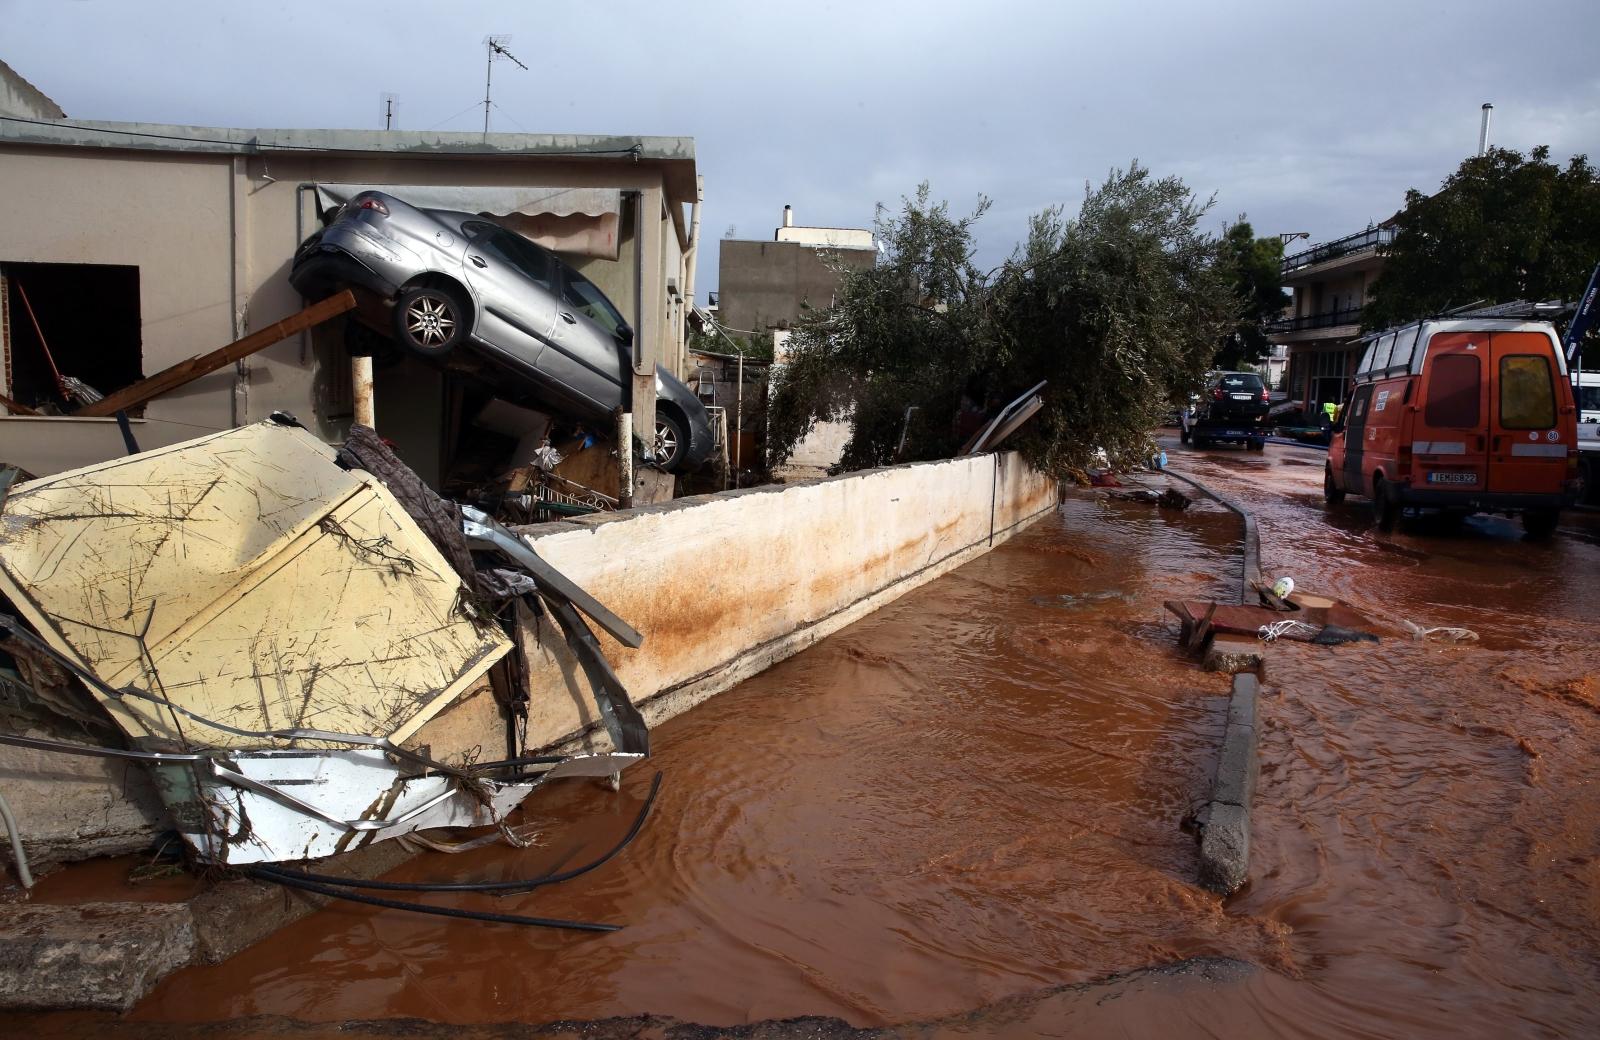 Samochód utknął przy wejściu do domu w Mandrze, Grecja.